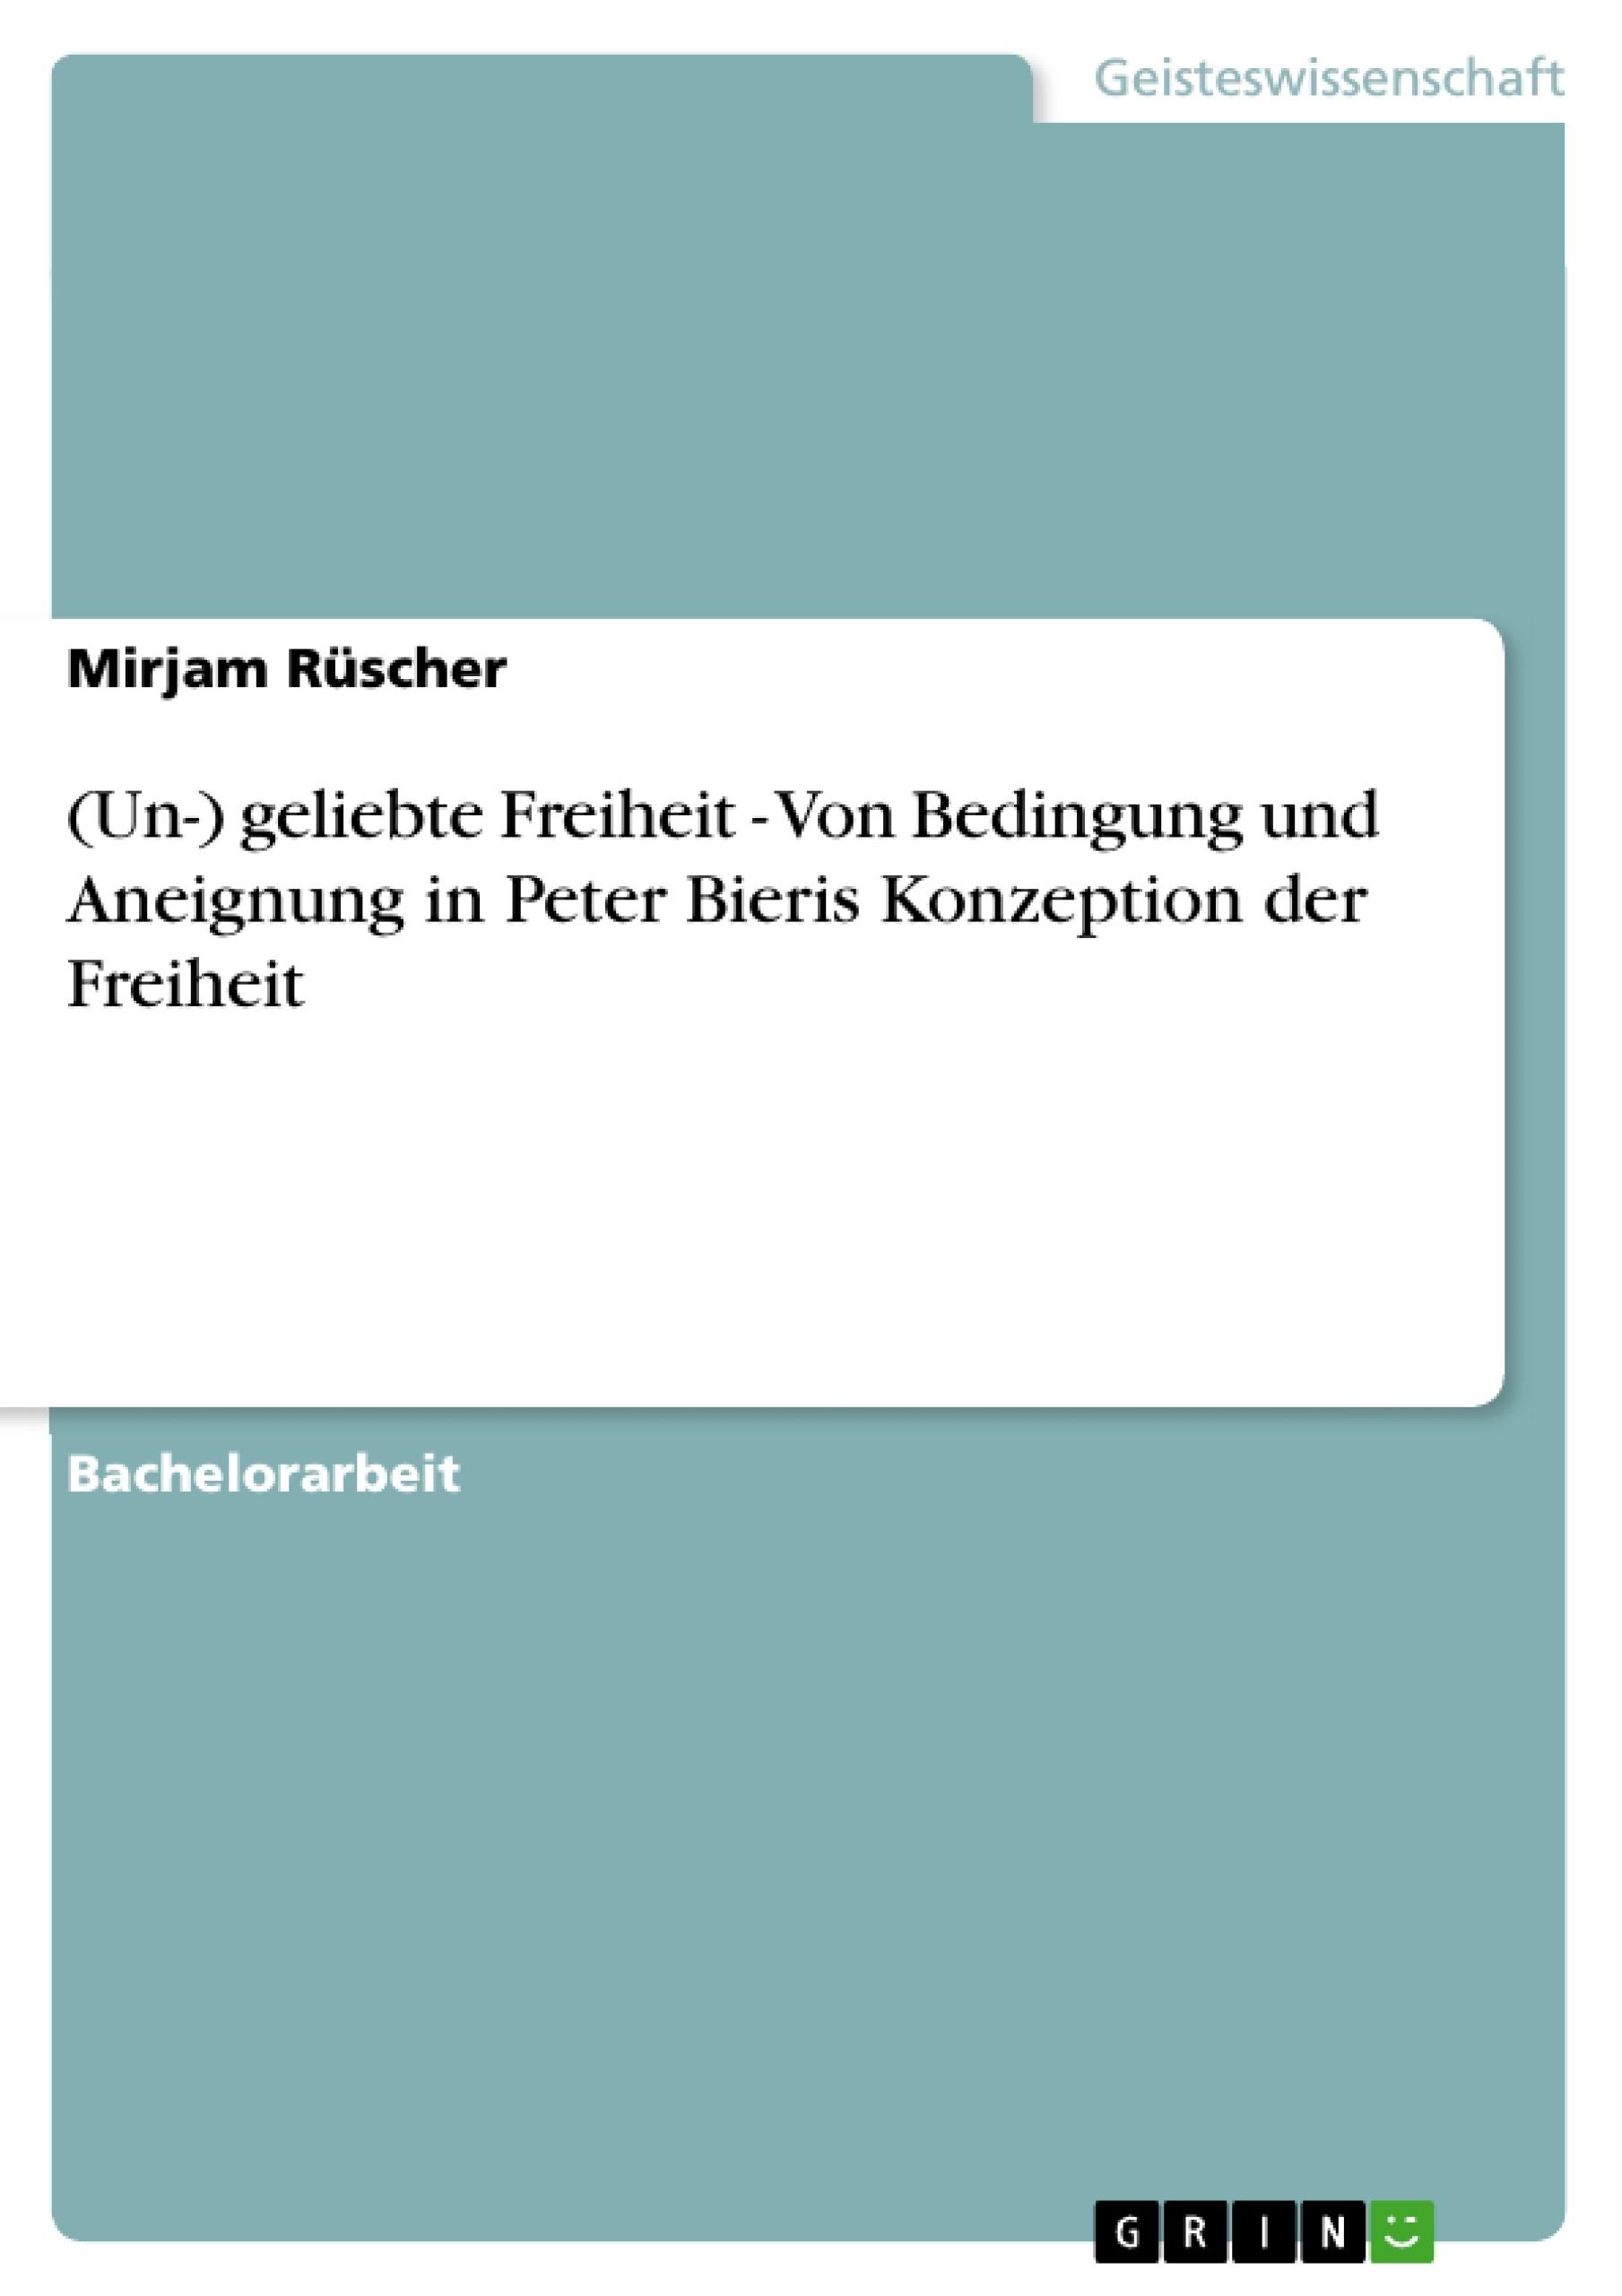 Titel: (Un-) geliebte Freiheit - Von Bedingung und Aneignung in Peter Bieris Konzeption der Freiheit